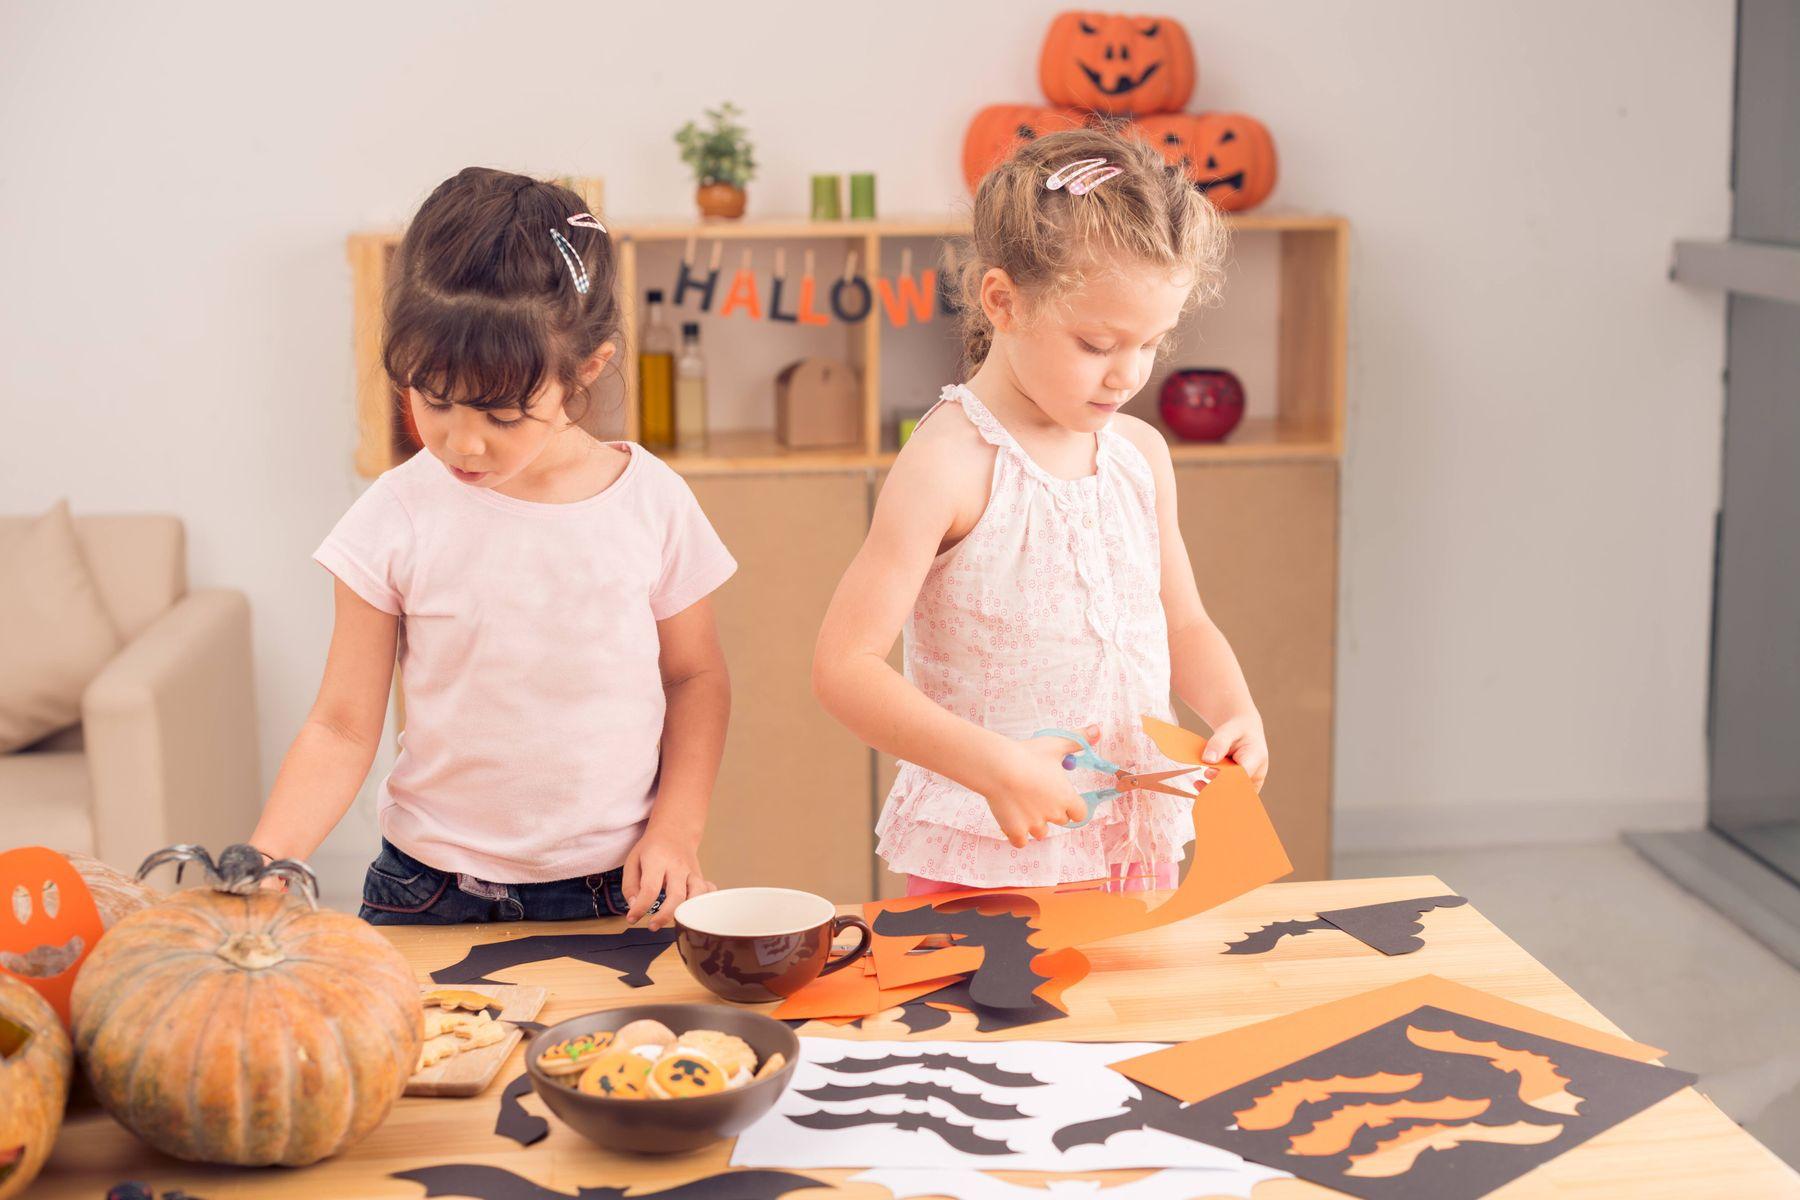 Trang trí halloween trong nhà thế nào để không đụng hàng?